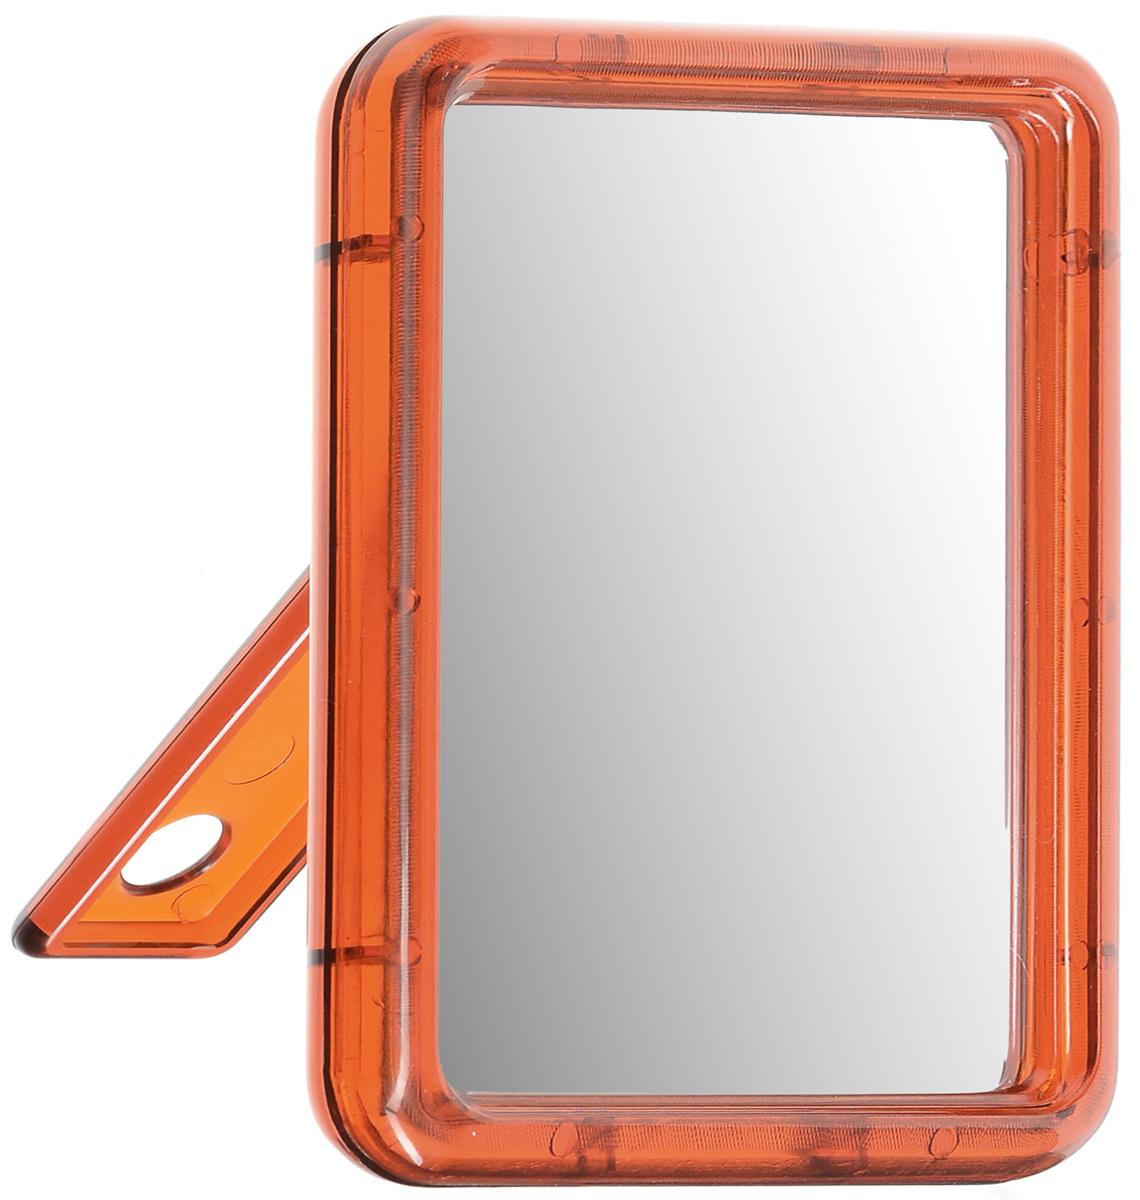 Silva Зеркало настольное, одностороннее, цвет: коричневый SZ 590